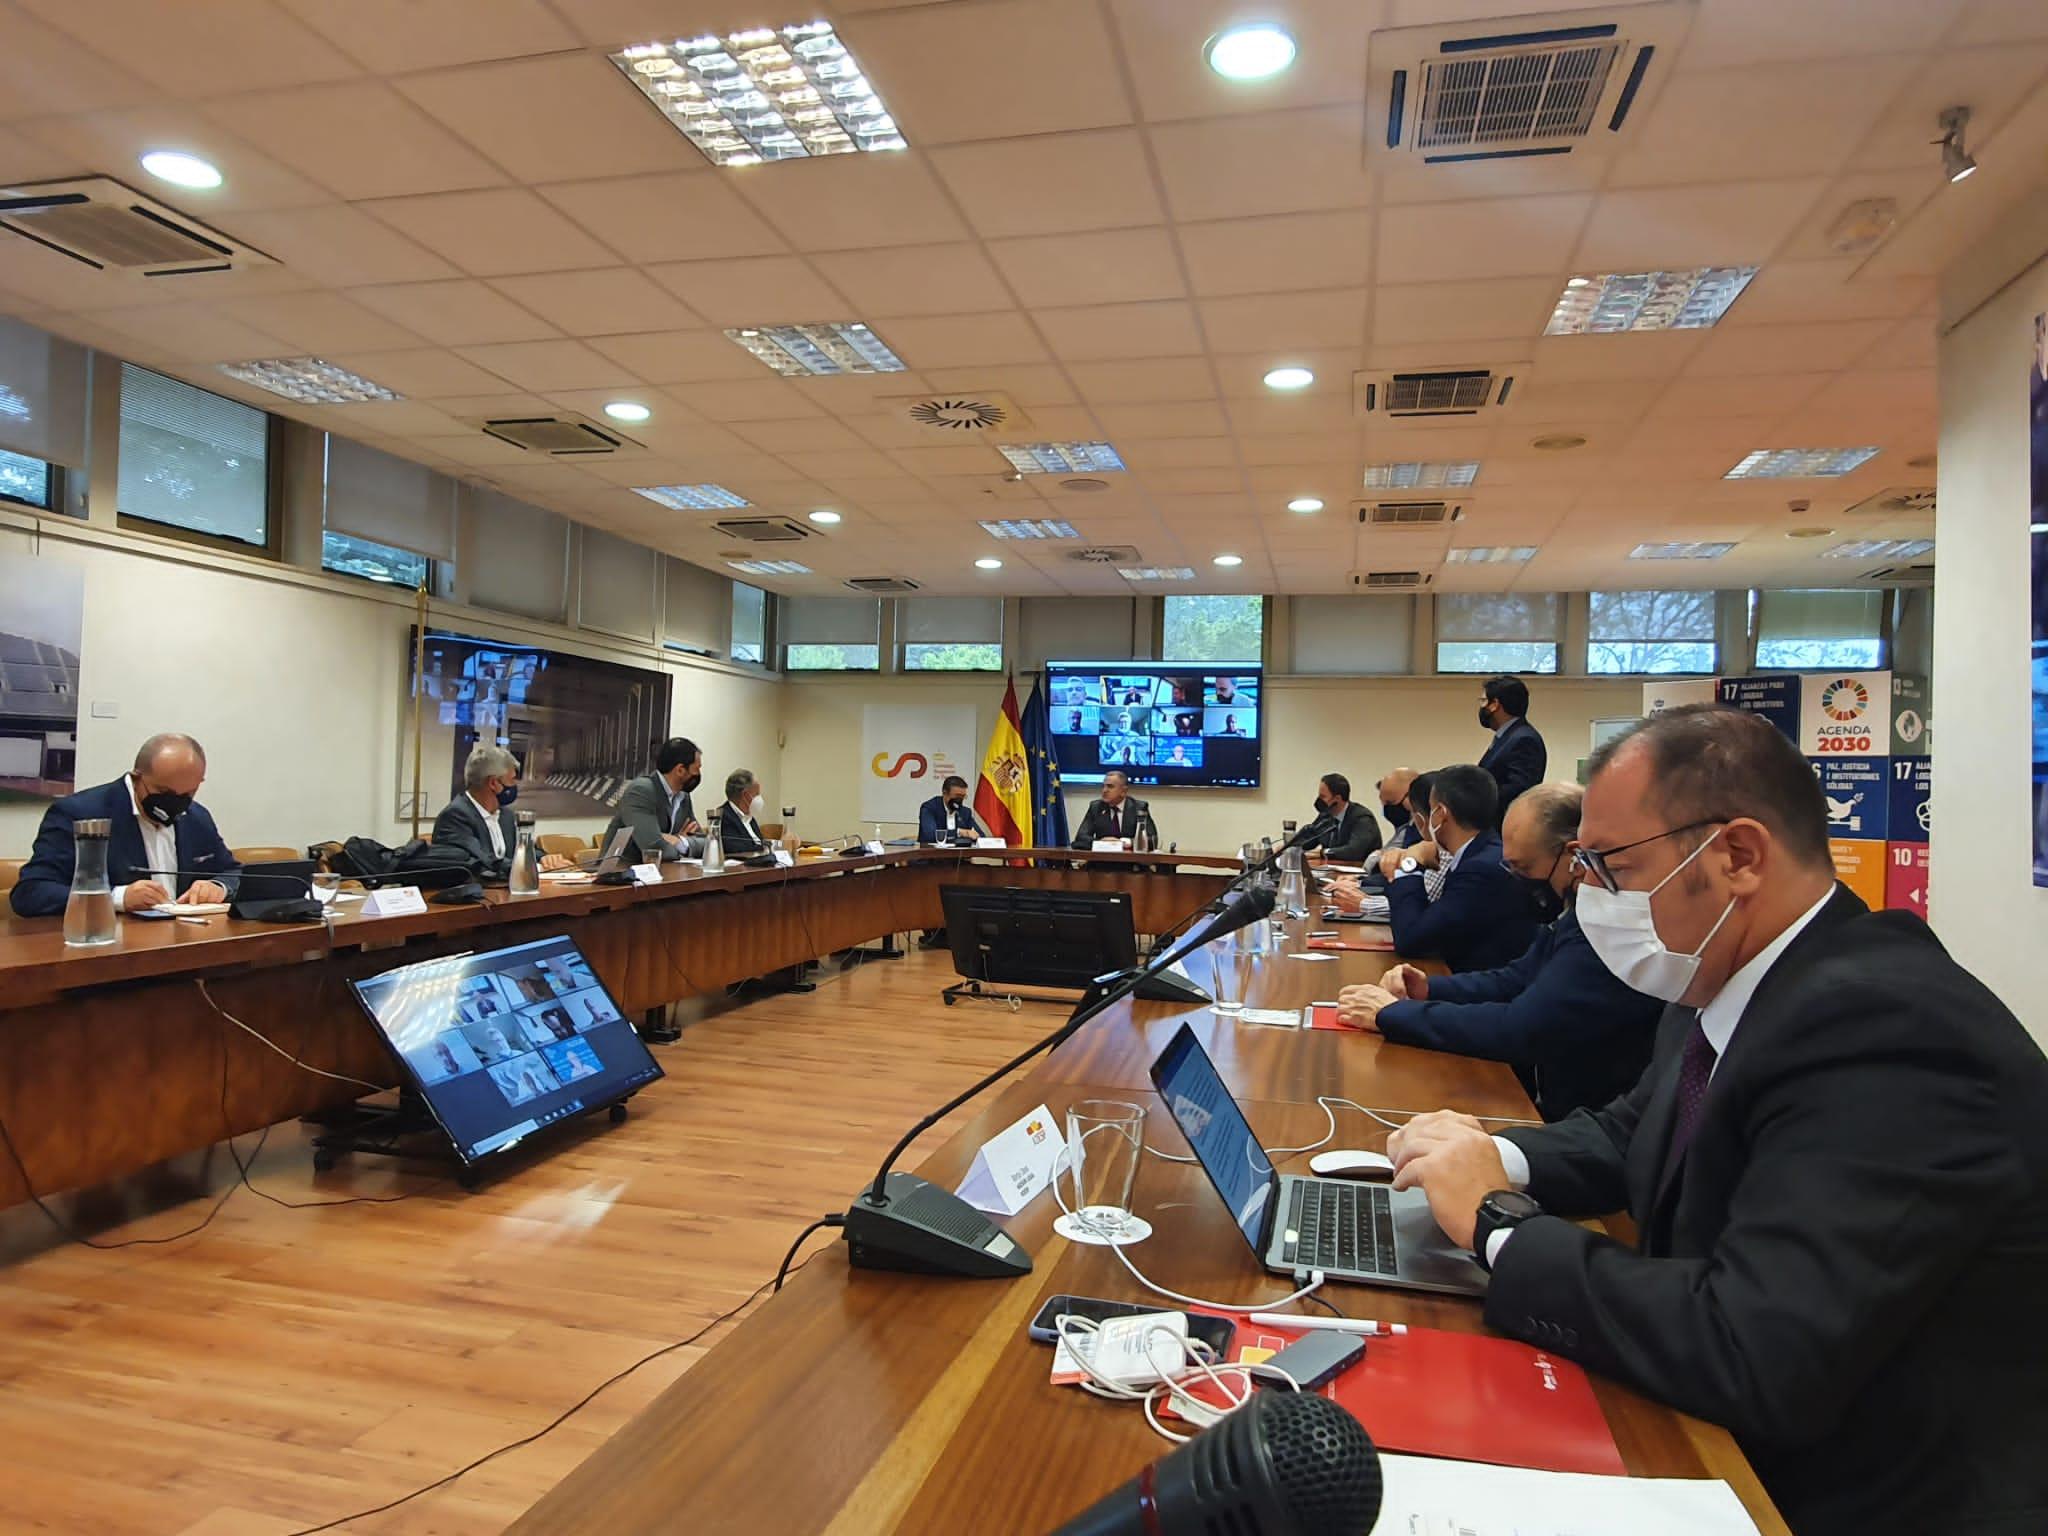 Reunión de la Junta Directiva de ADESP con la asistencia de Jose Manuel Franco, Presidente del CSD